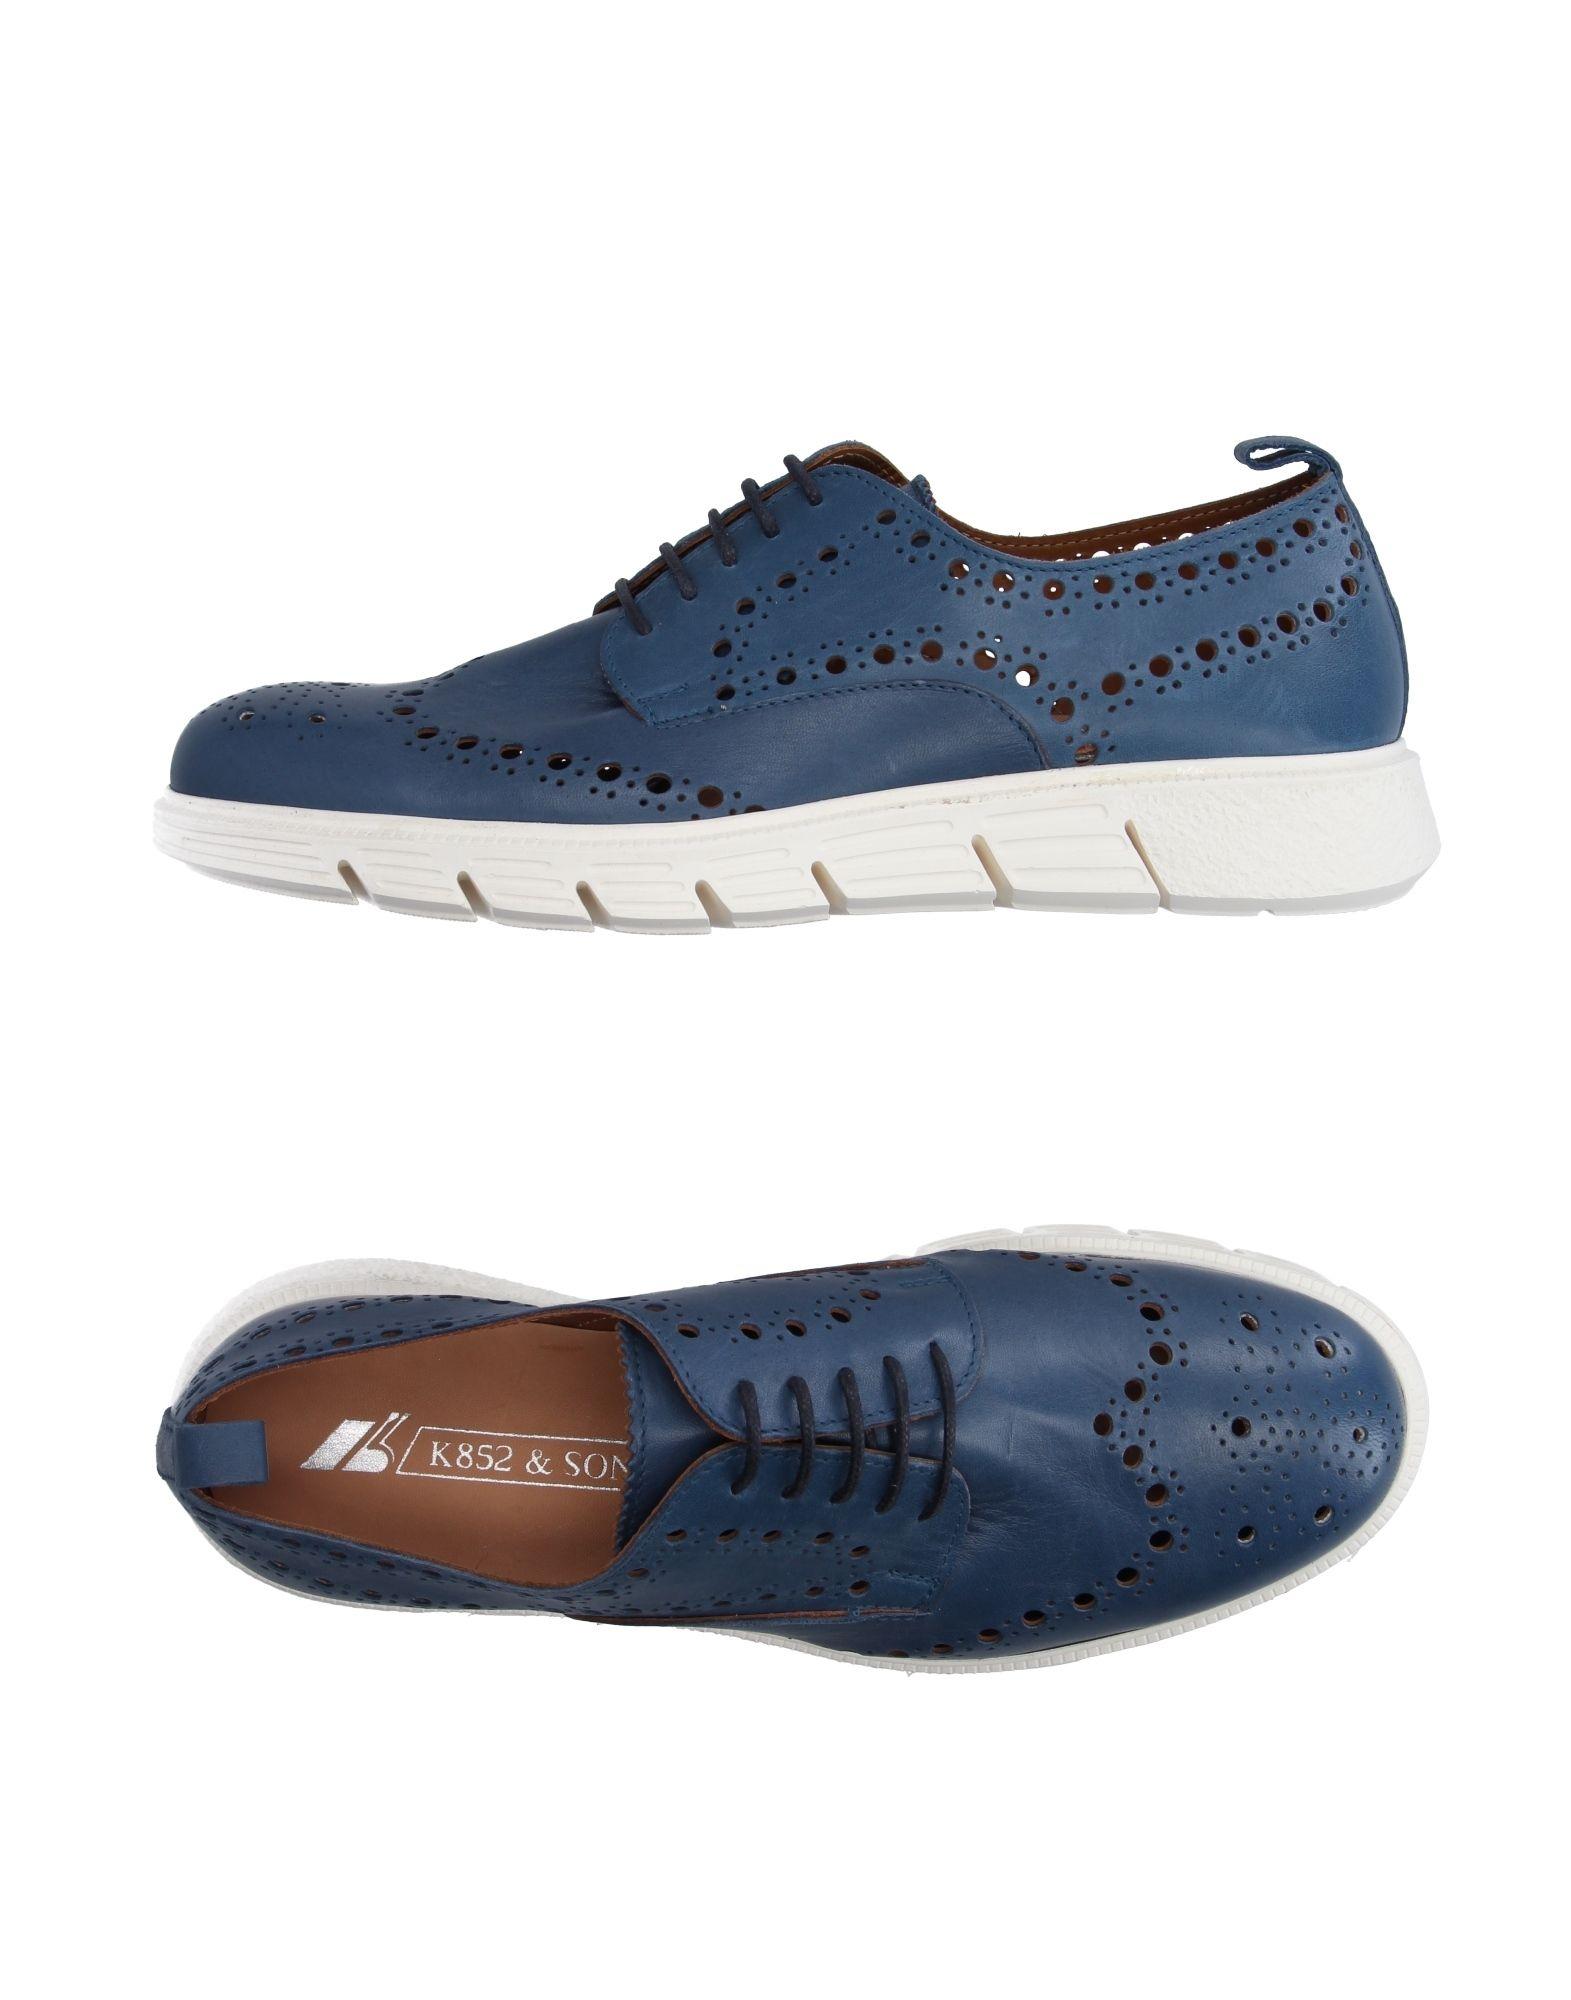 K852 & SON Обувь на шнурках цены онлайн